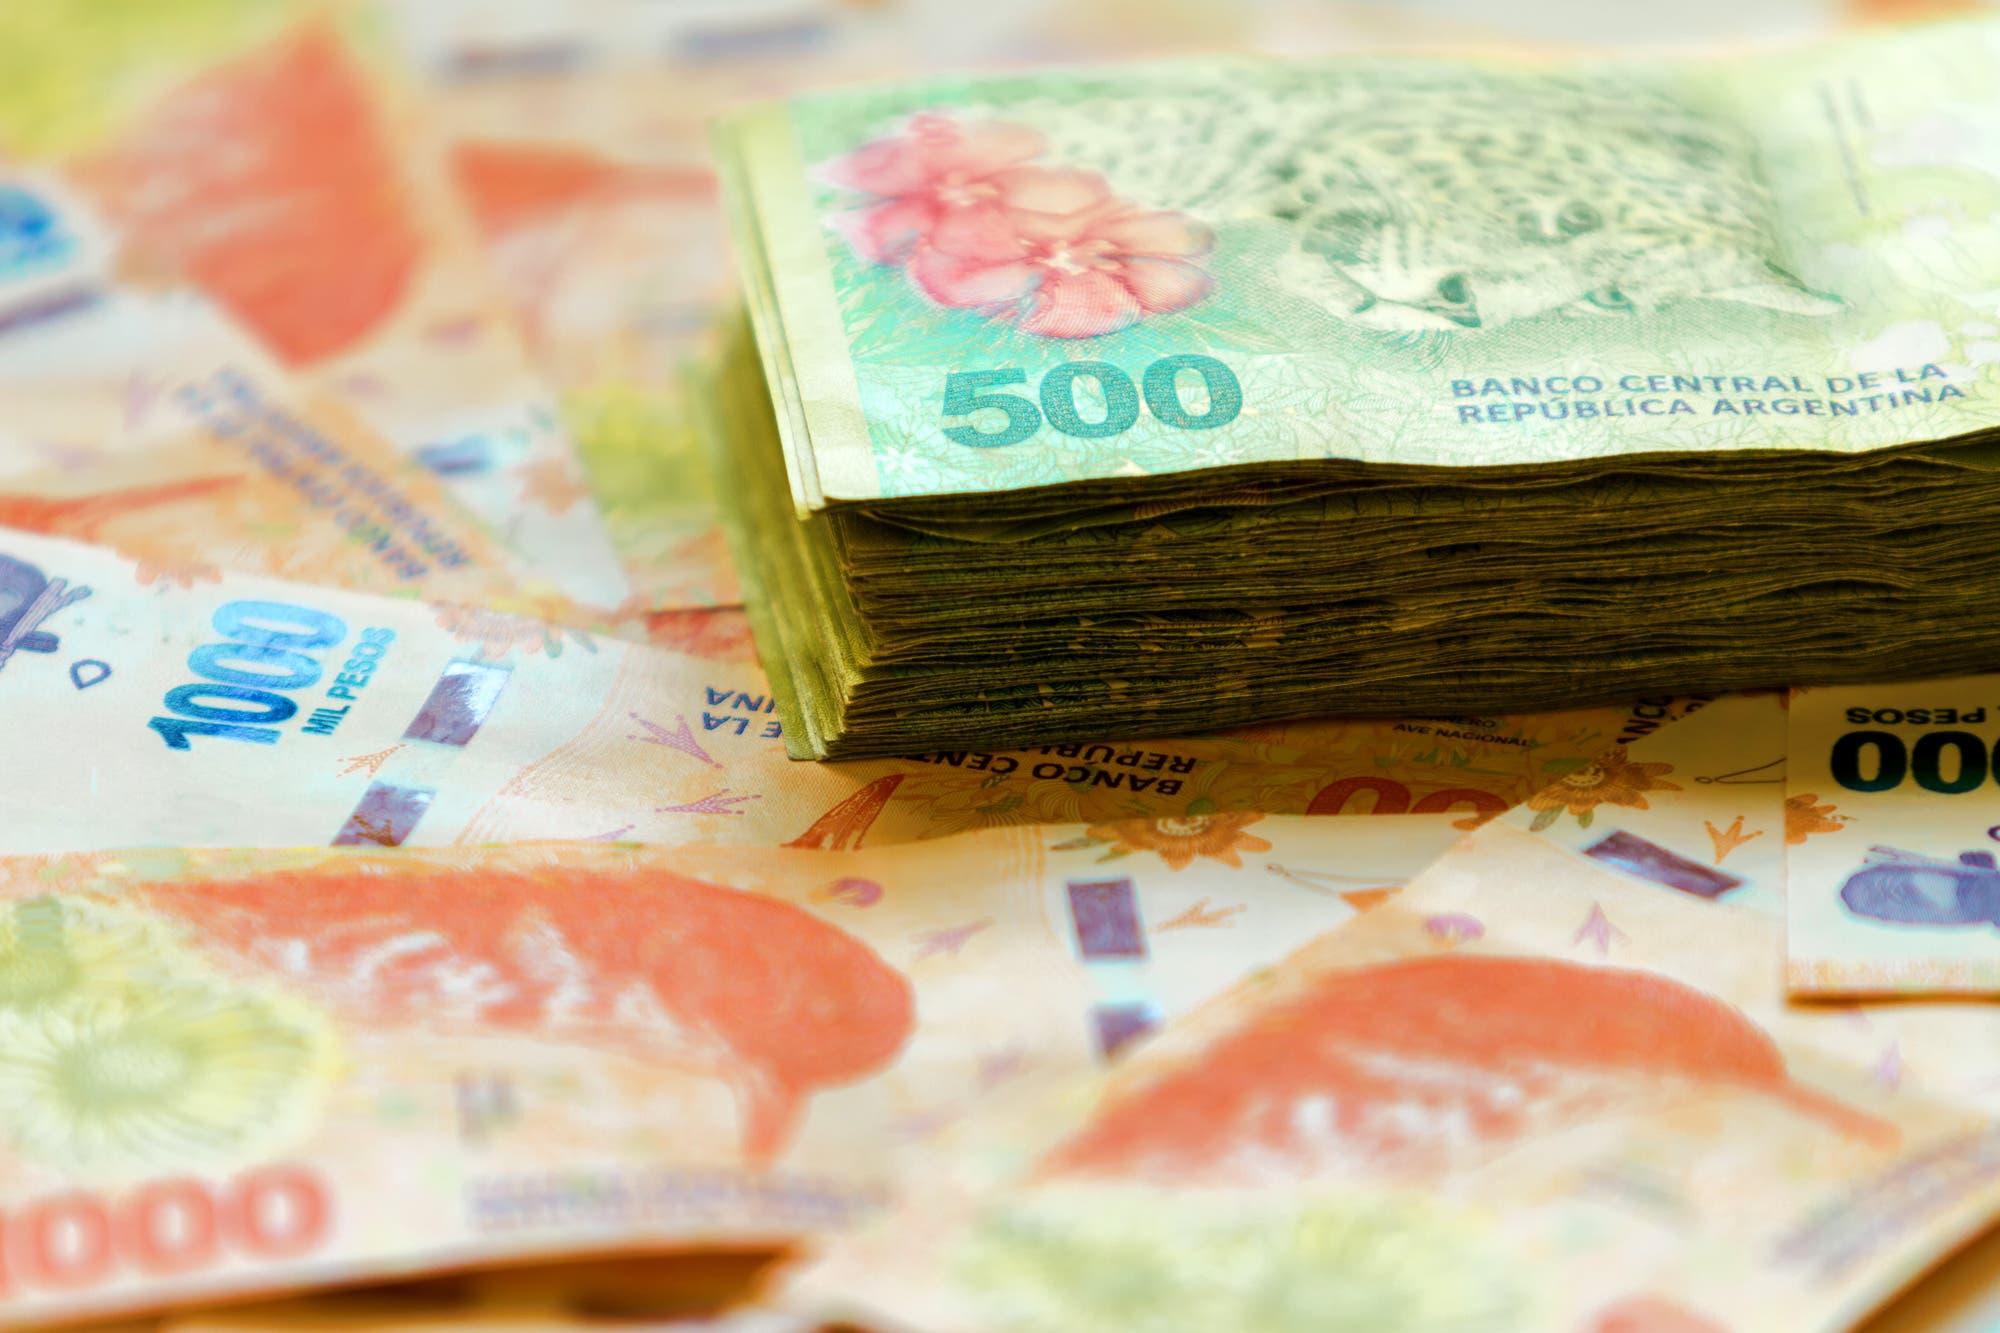 Inflación: qué es la teoría monetarista con la que Gallardo incomodó a Kicillof